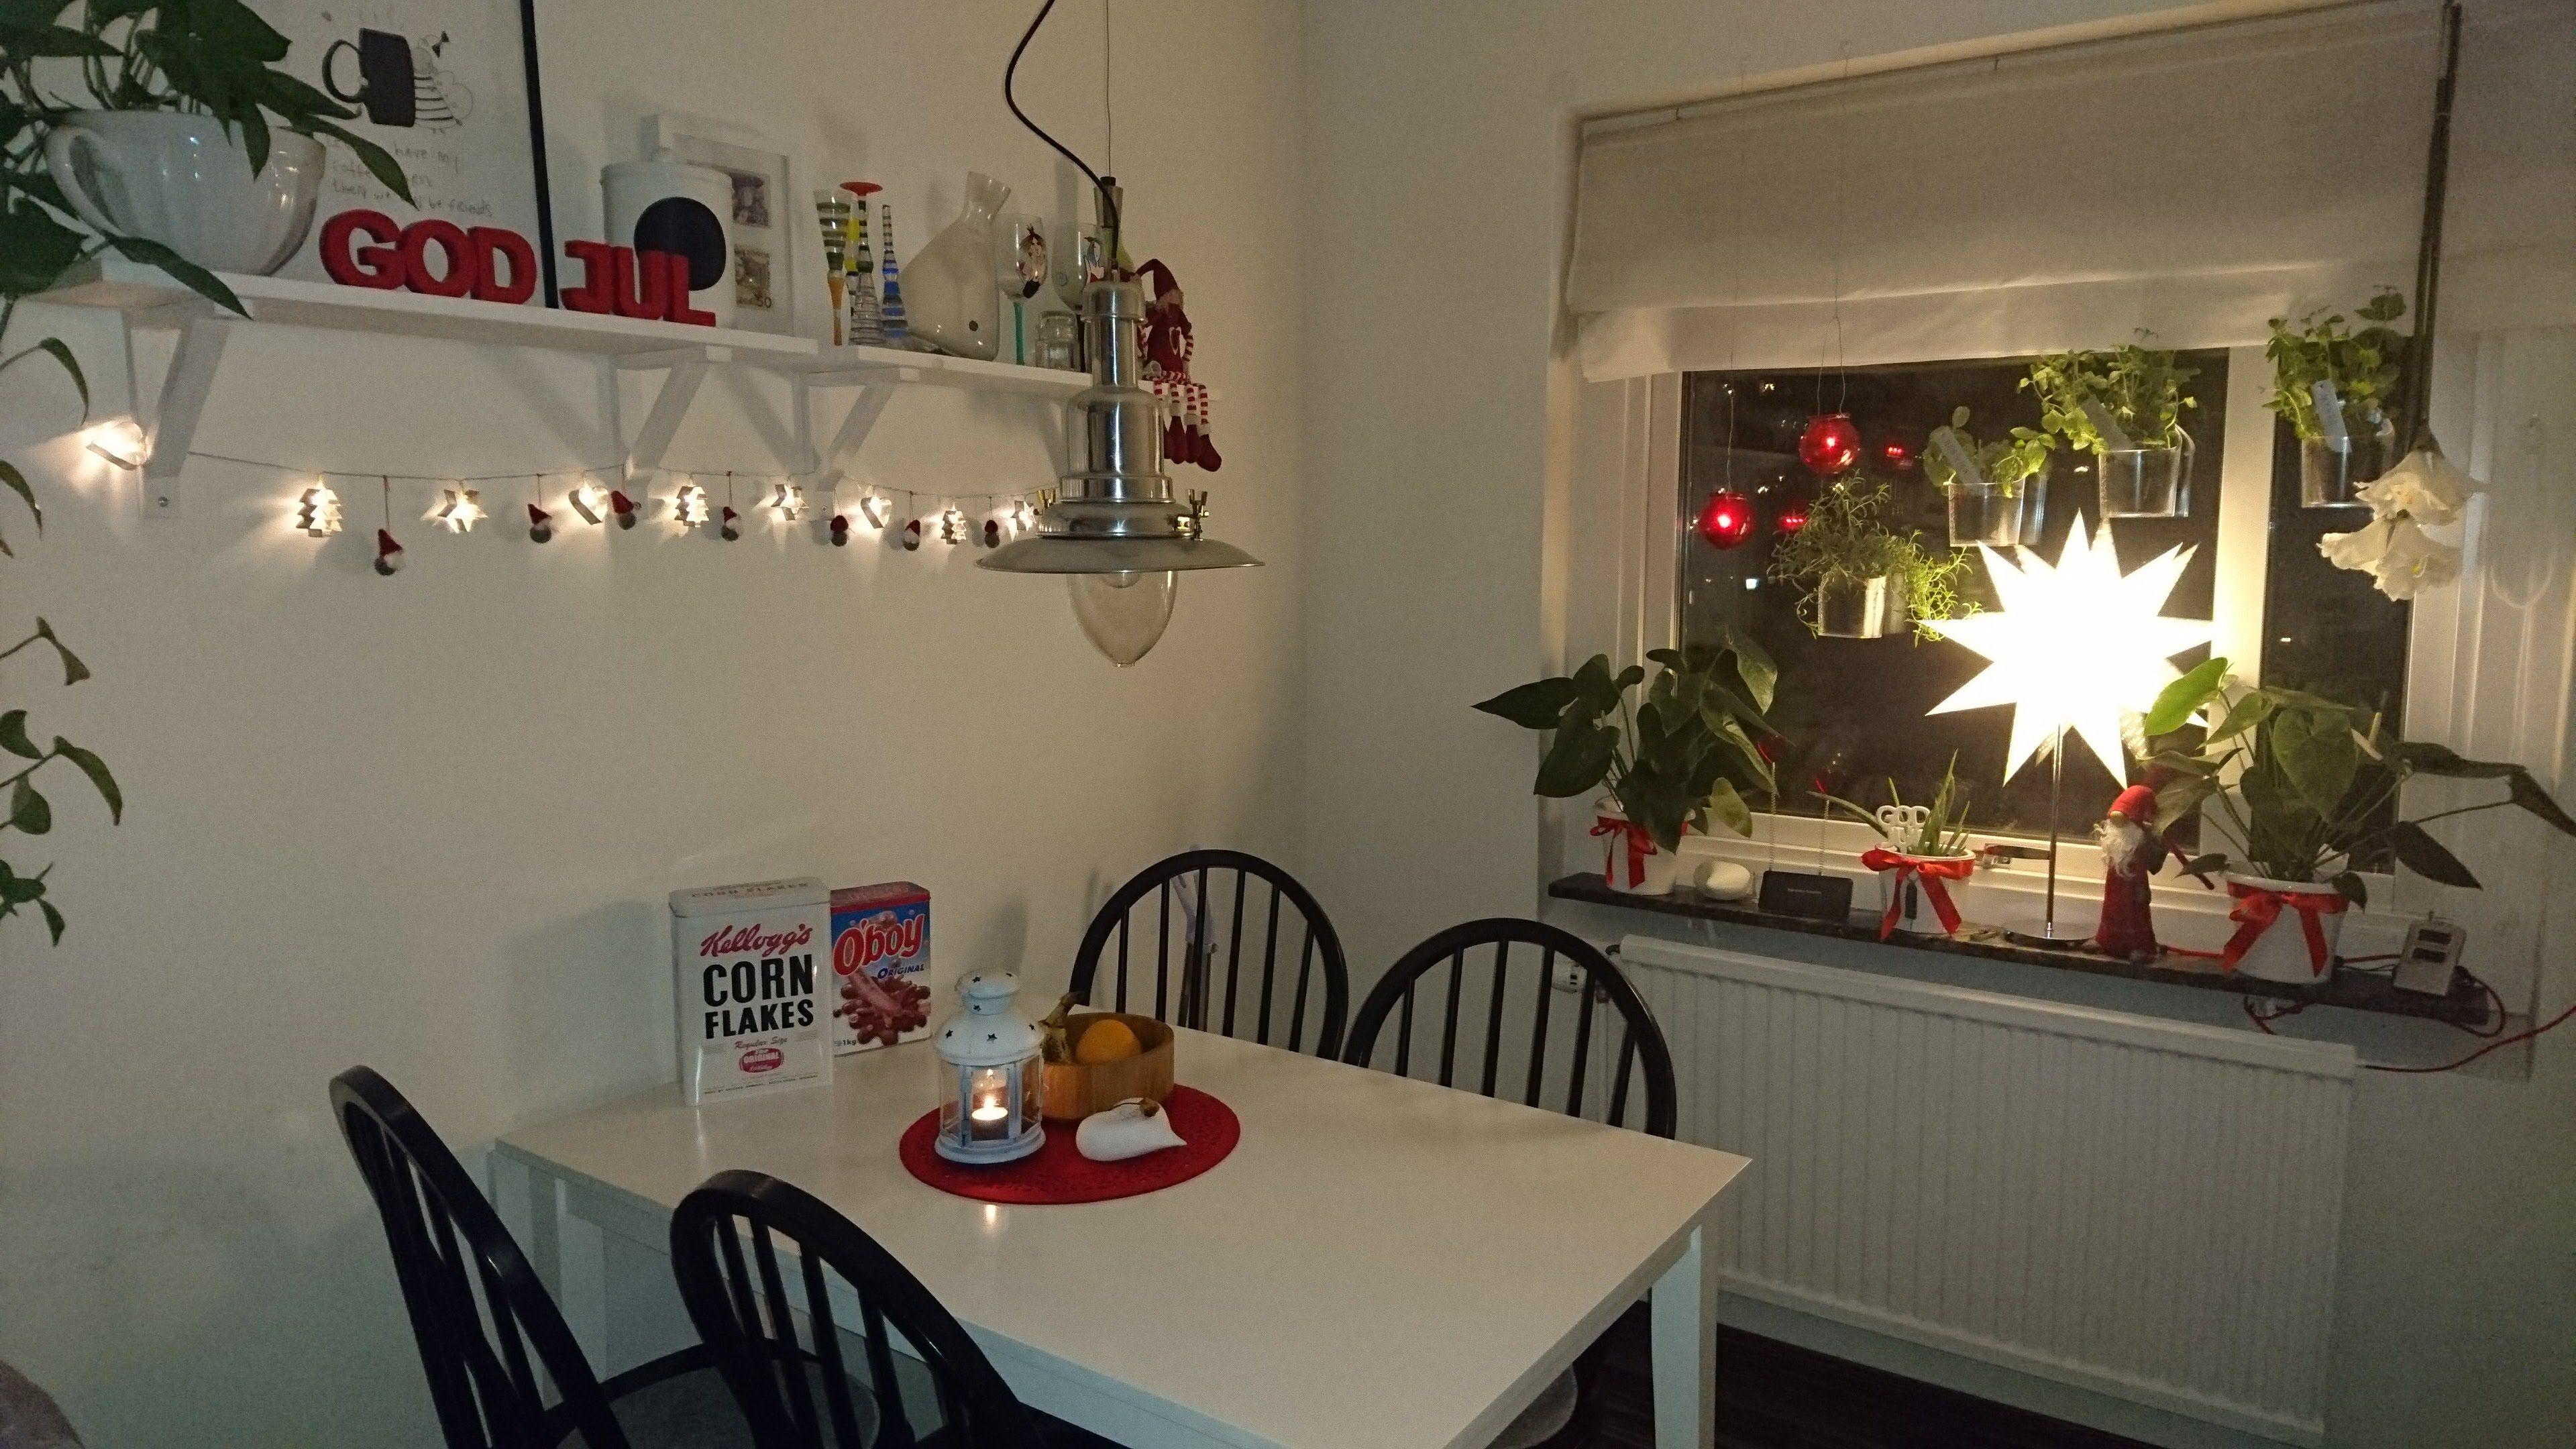 Julen 2016 Mys i mitt kök